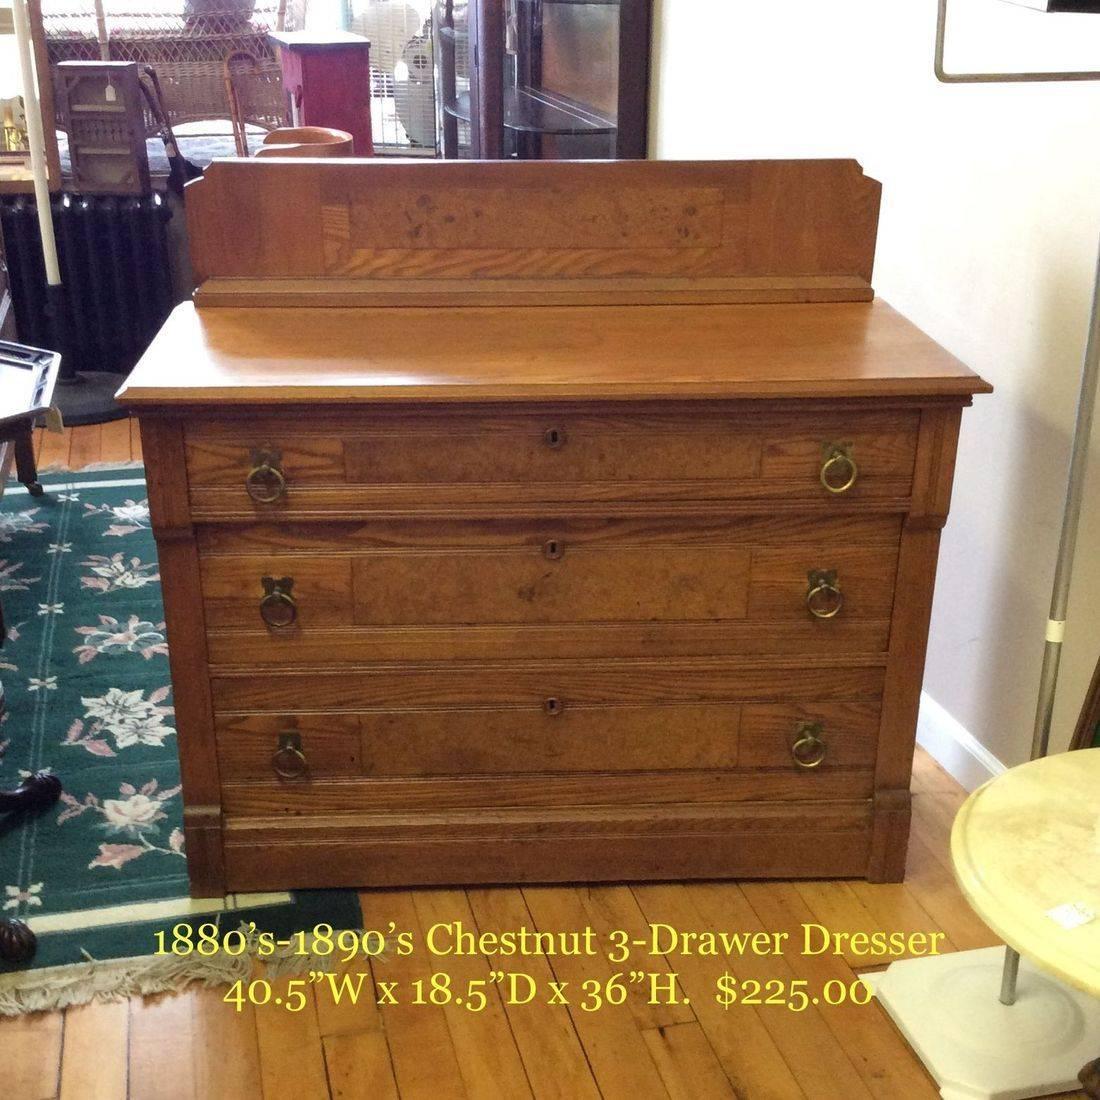 """1880's - 1890's Chestnut 3-Drawer Dresser w/Birdseye Maple Inlay Panels  40-1/2""""W x 18-1/2"""" D x 28-3/4"""" H ( 36-1/4"""" H w/Backsplash )   $225.00"""